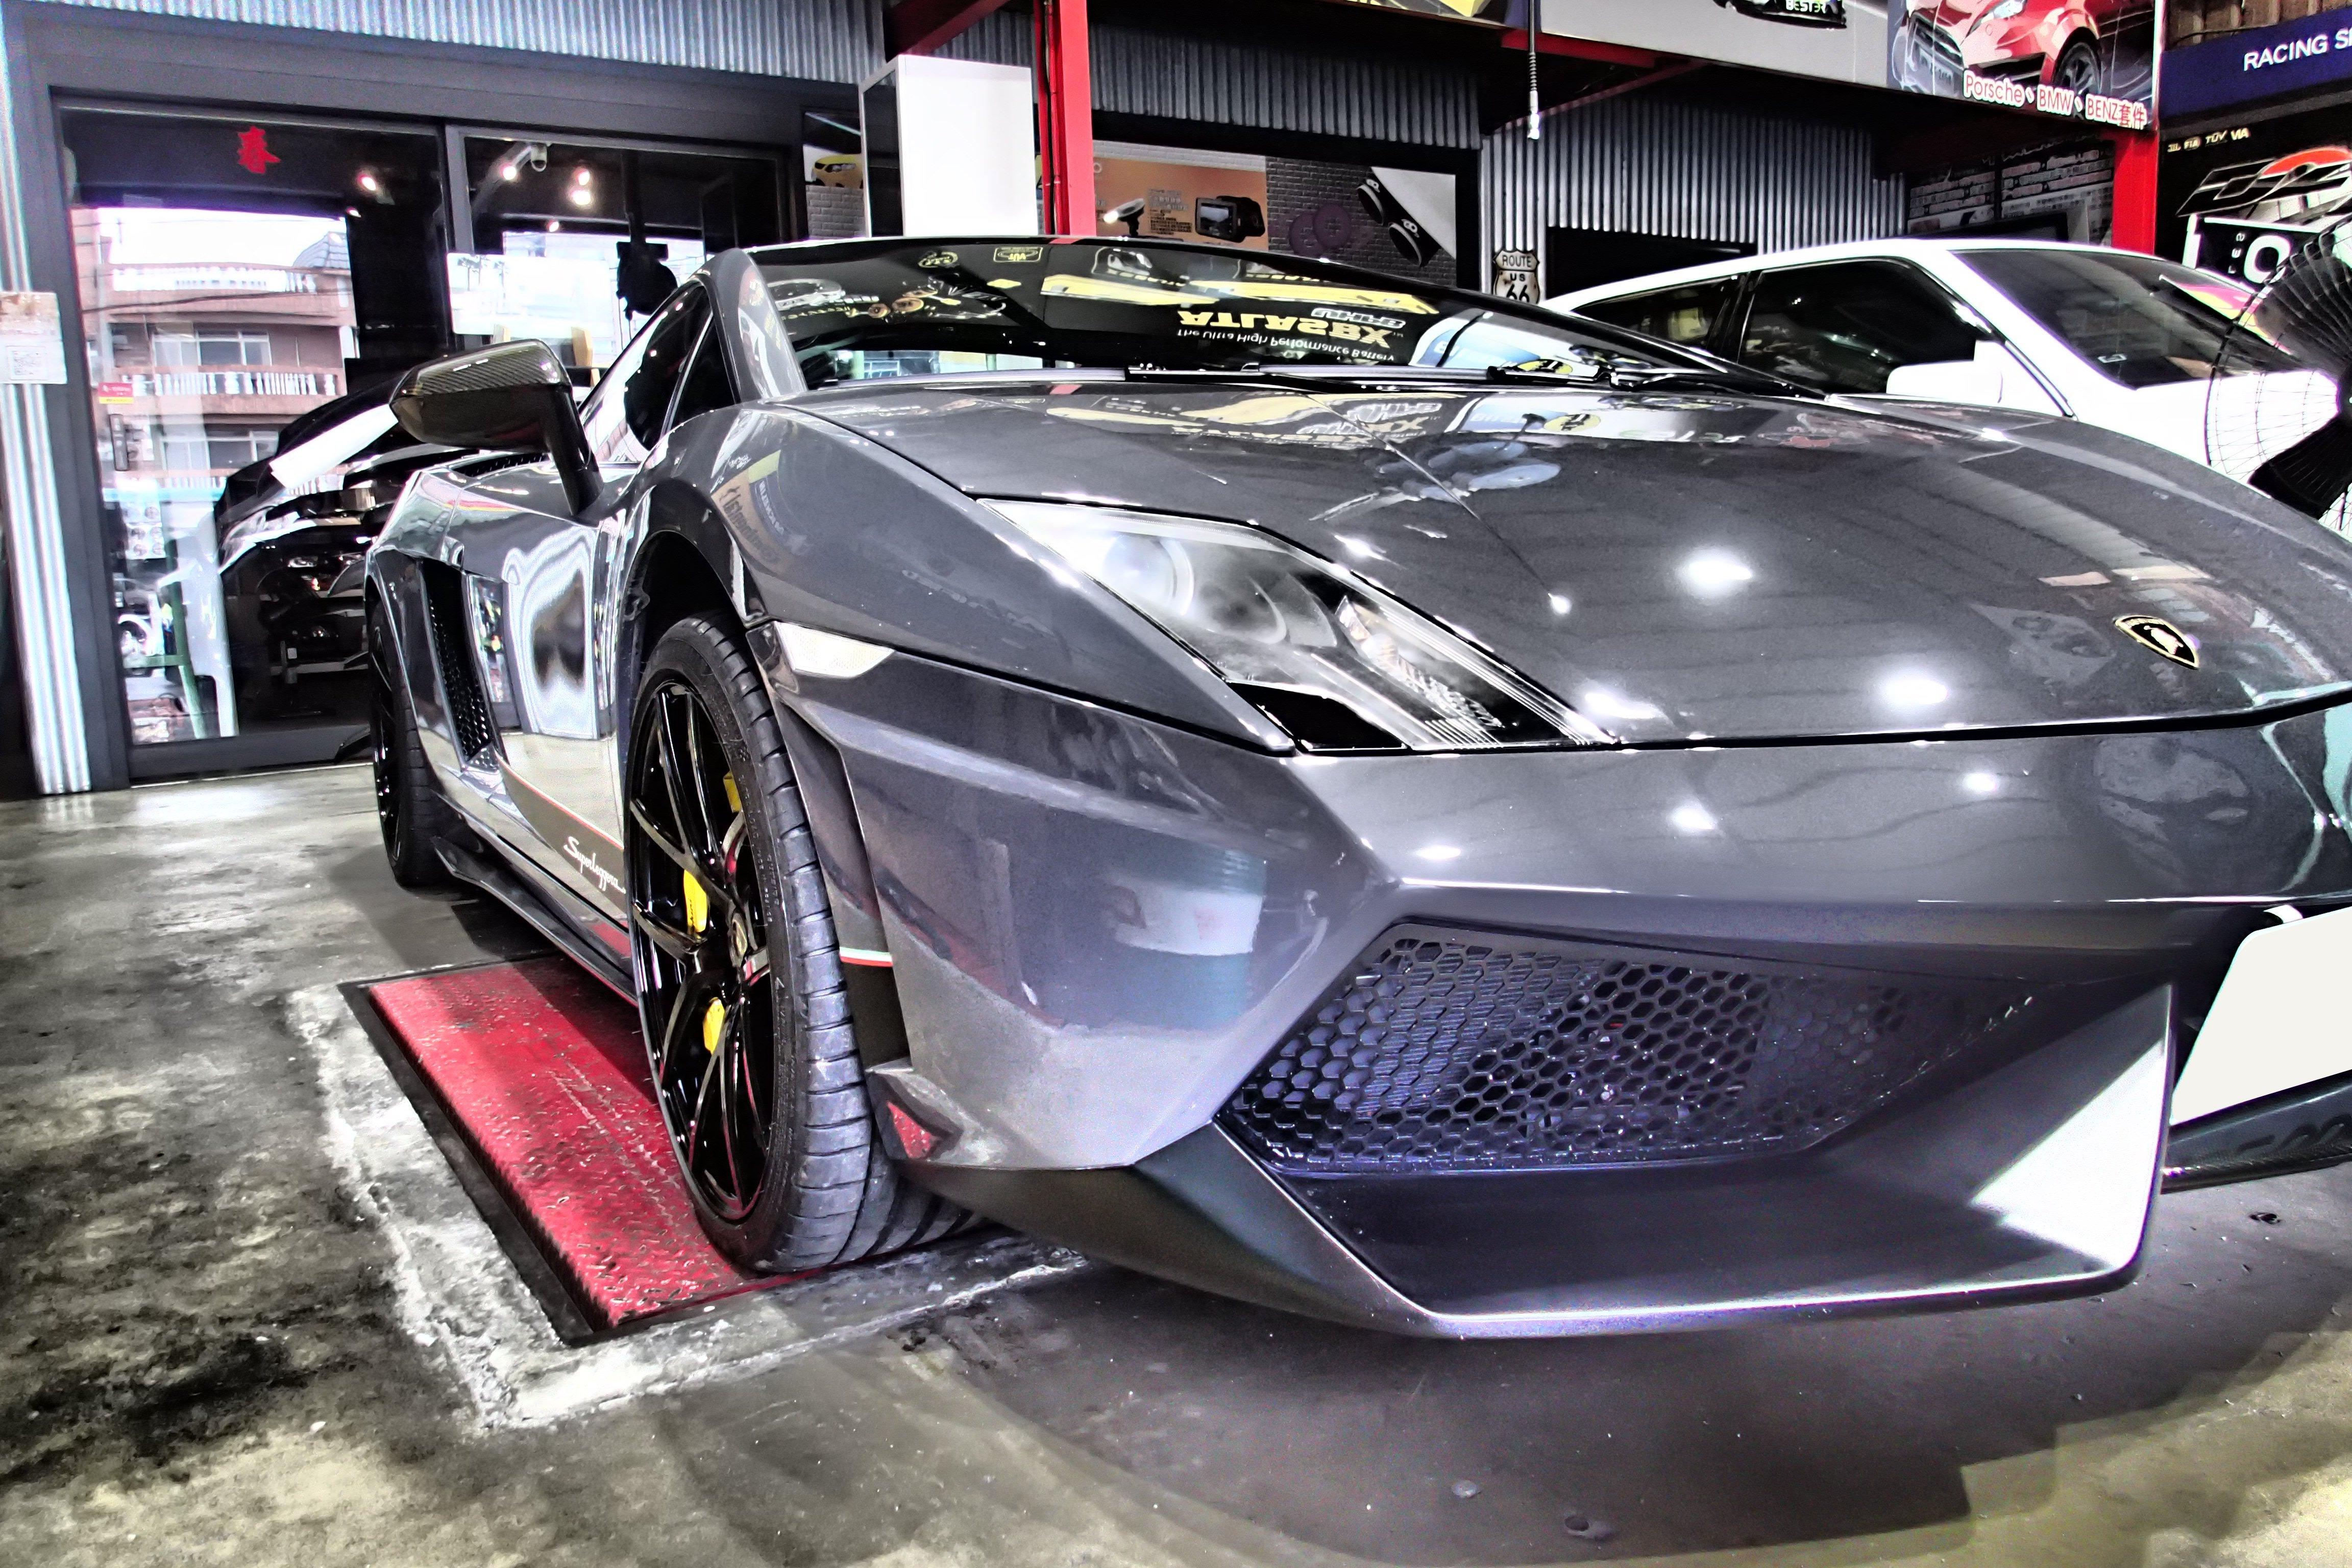 DJD19041734 藍寶堅尼 Lamborghini  LP570 LP560 前保桿